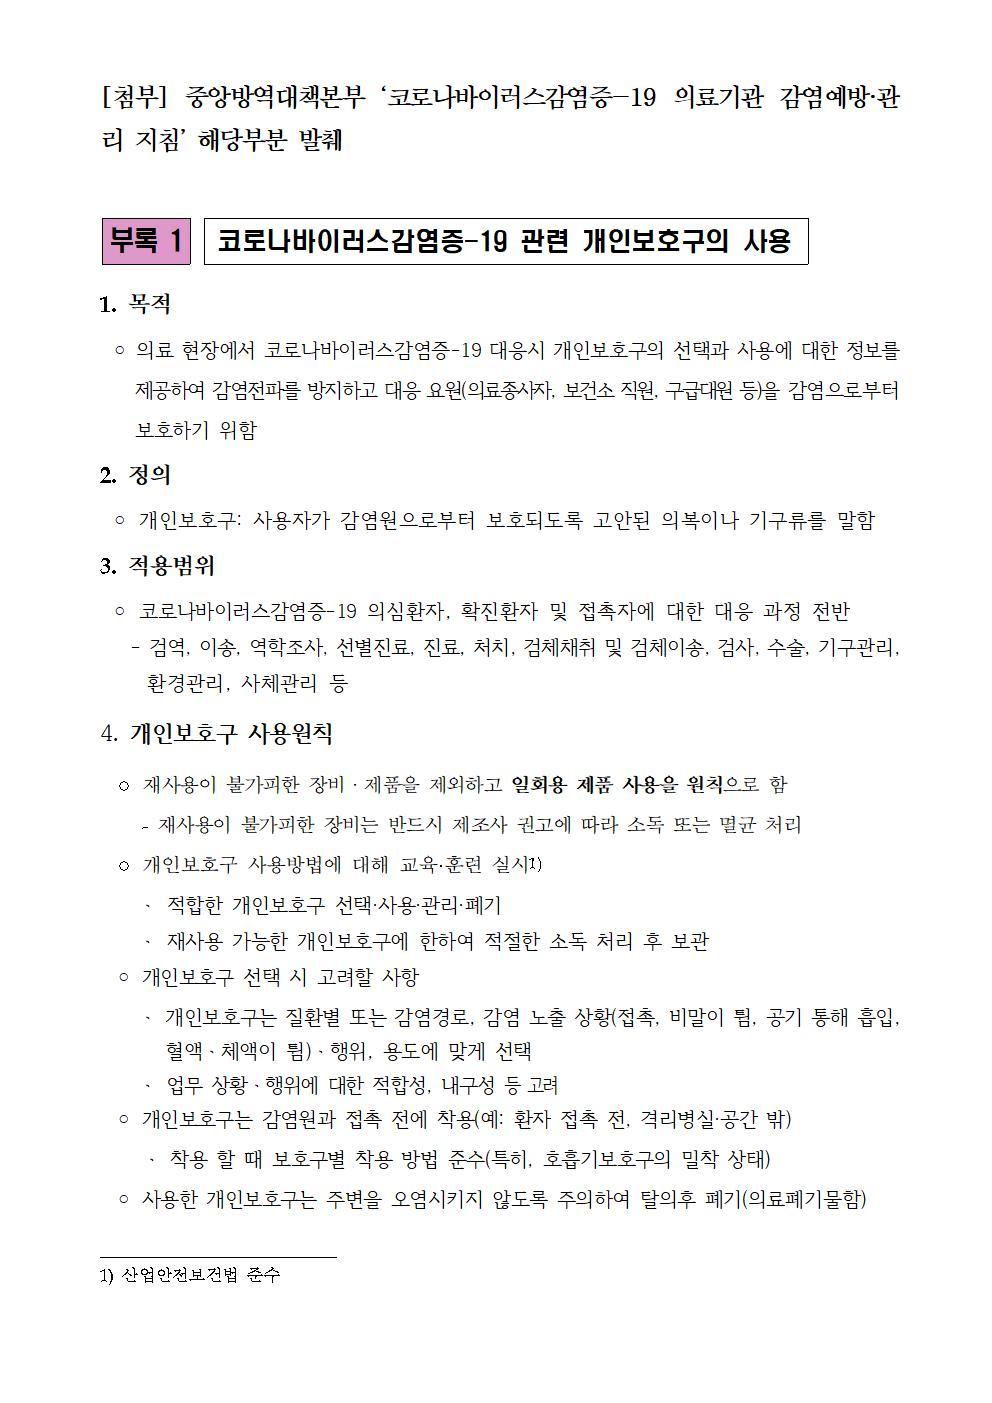 200410_서울대병원 마스크 재사용004.jpg